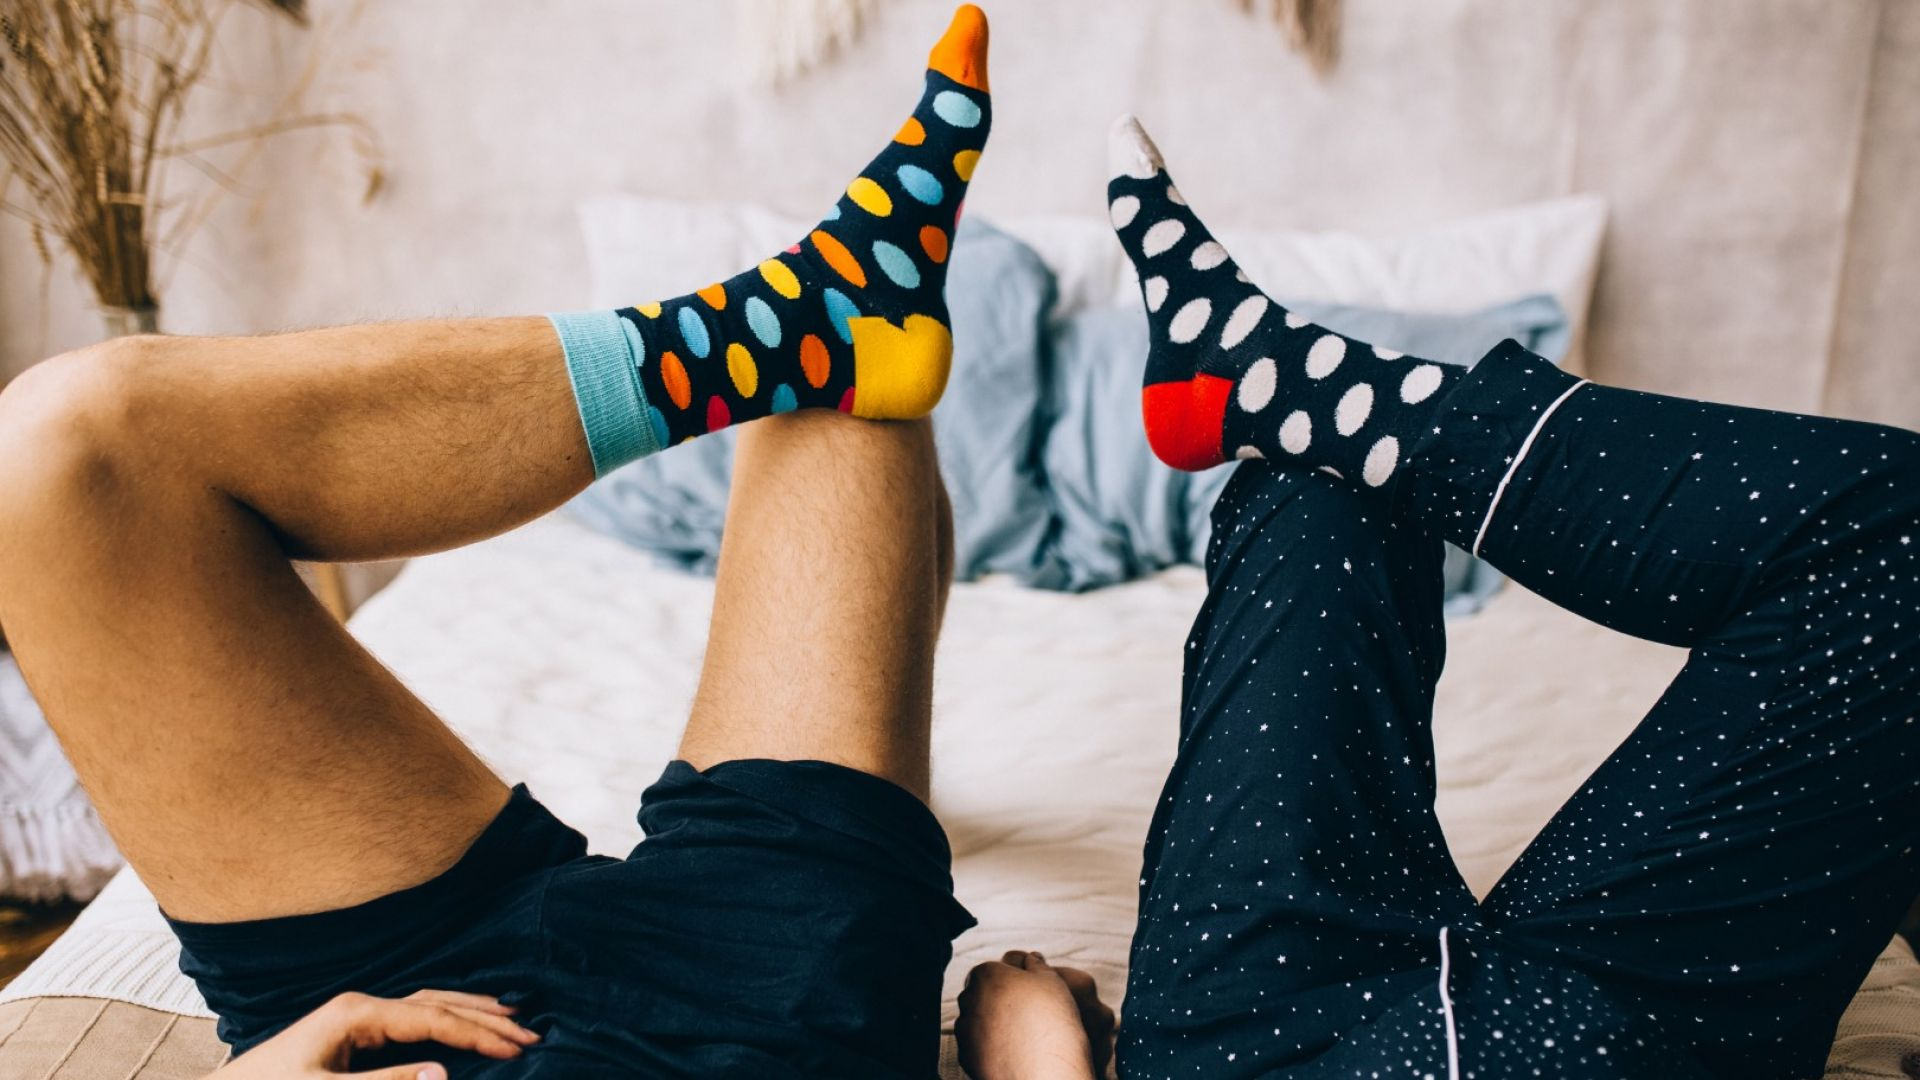 Gift guide идеи: Защо да подарим чорапи, уиски или козметика